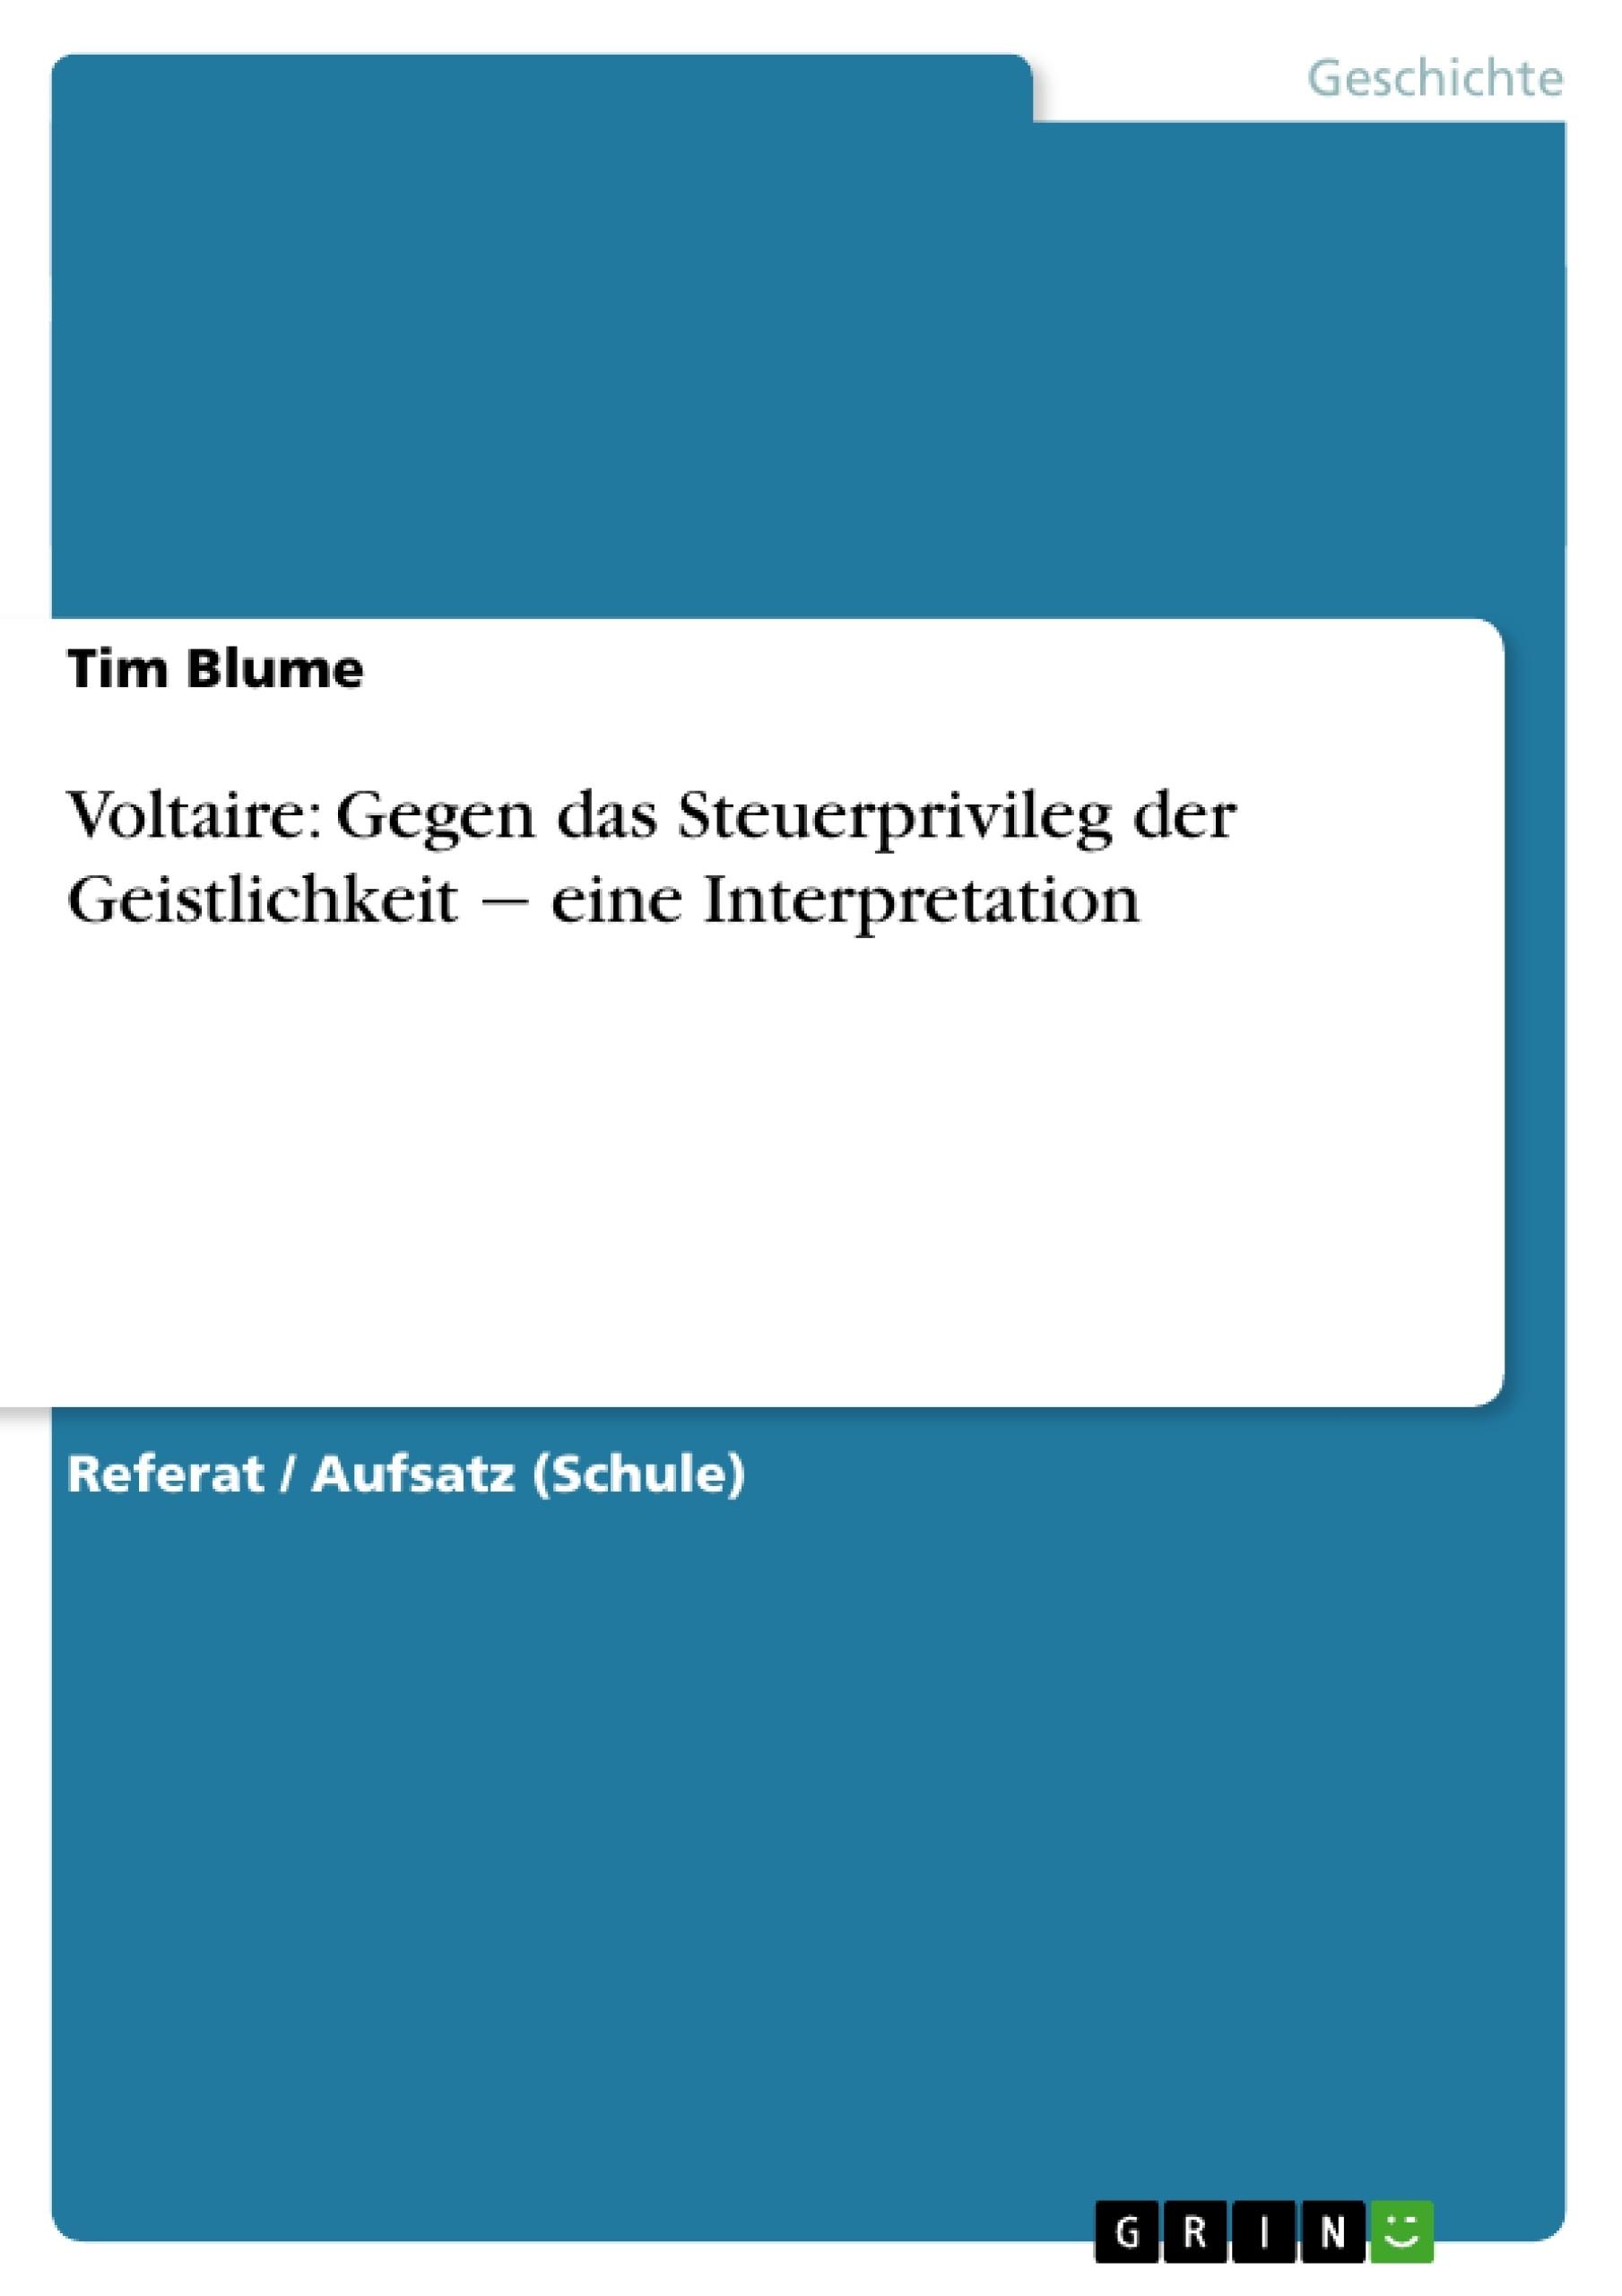 Titel: Voltaire: Gegen das Steuerprivileg der Geistlichkeit ‒ eine Interpretation